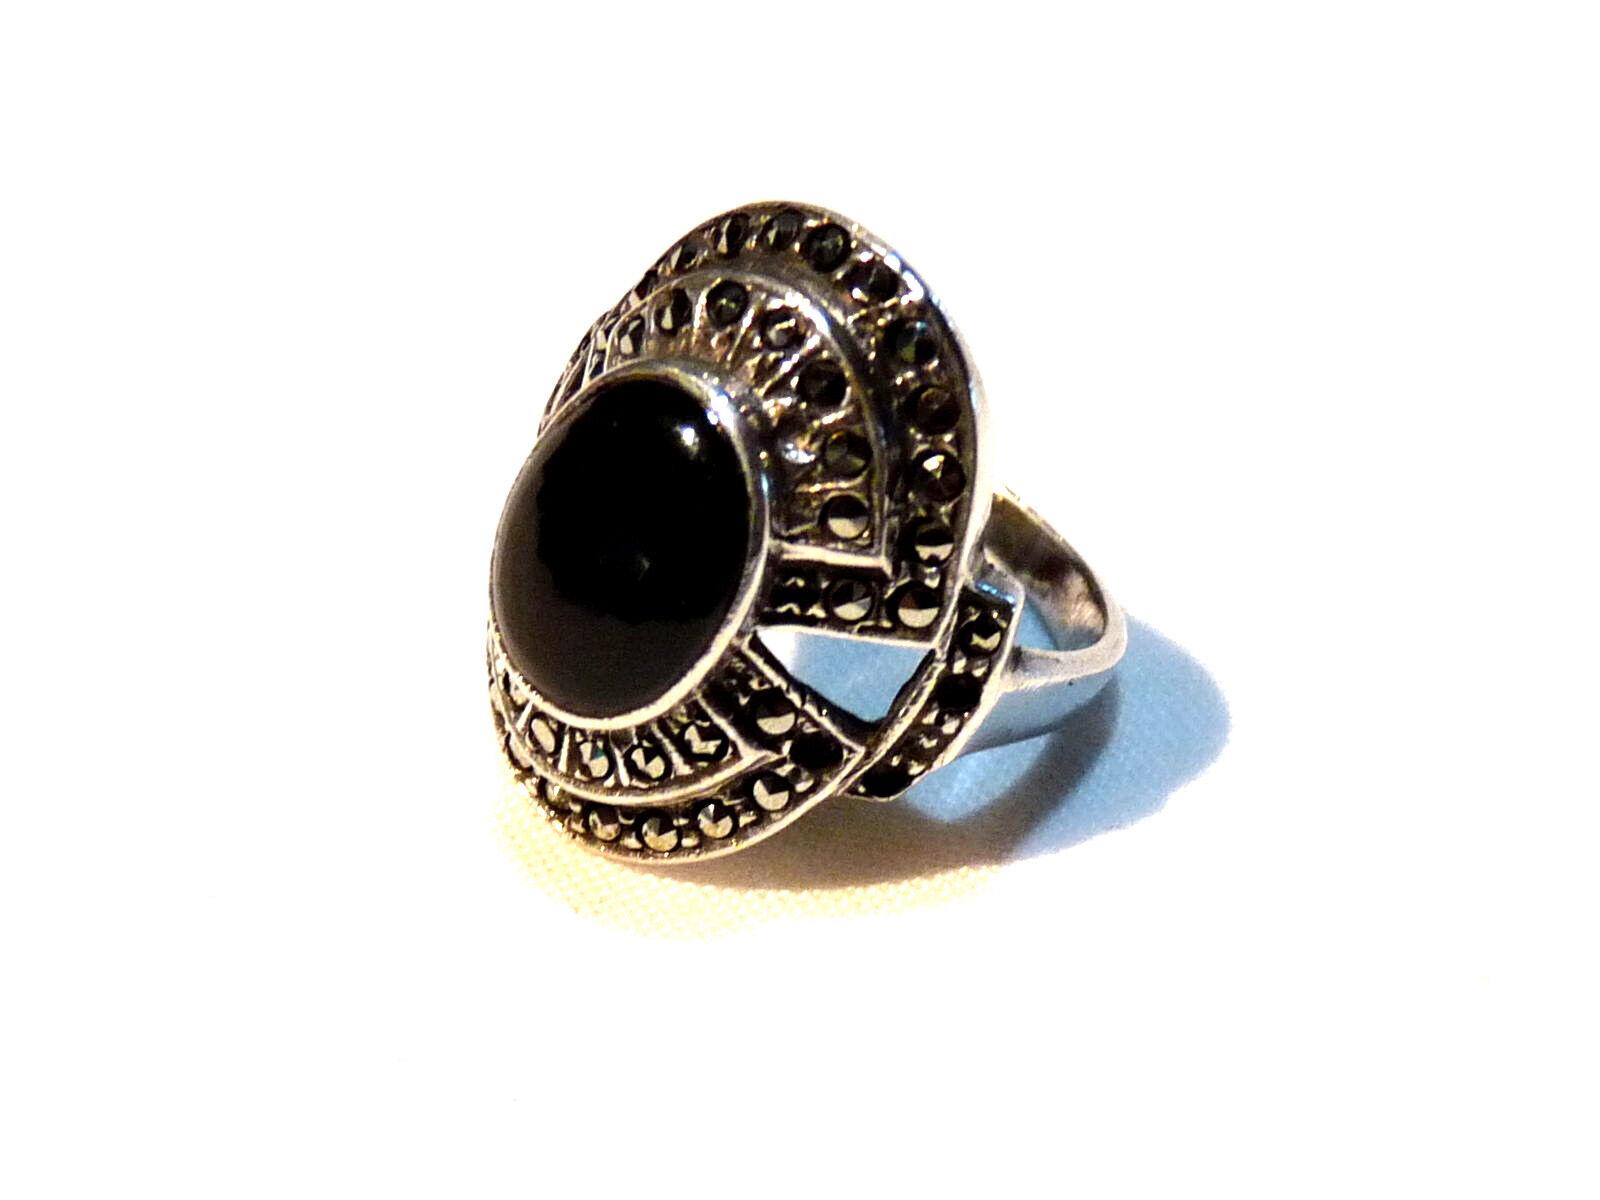 Bijou silver 925 bague art déco onyx et marcassites size 56 ring